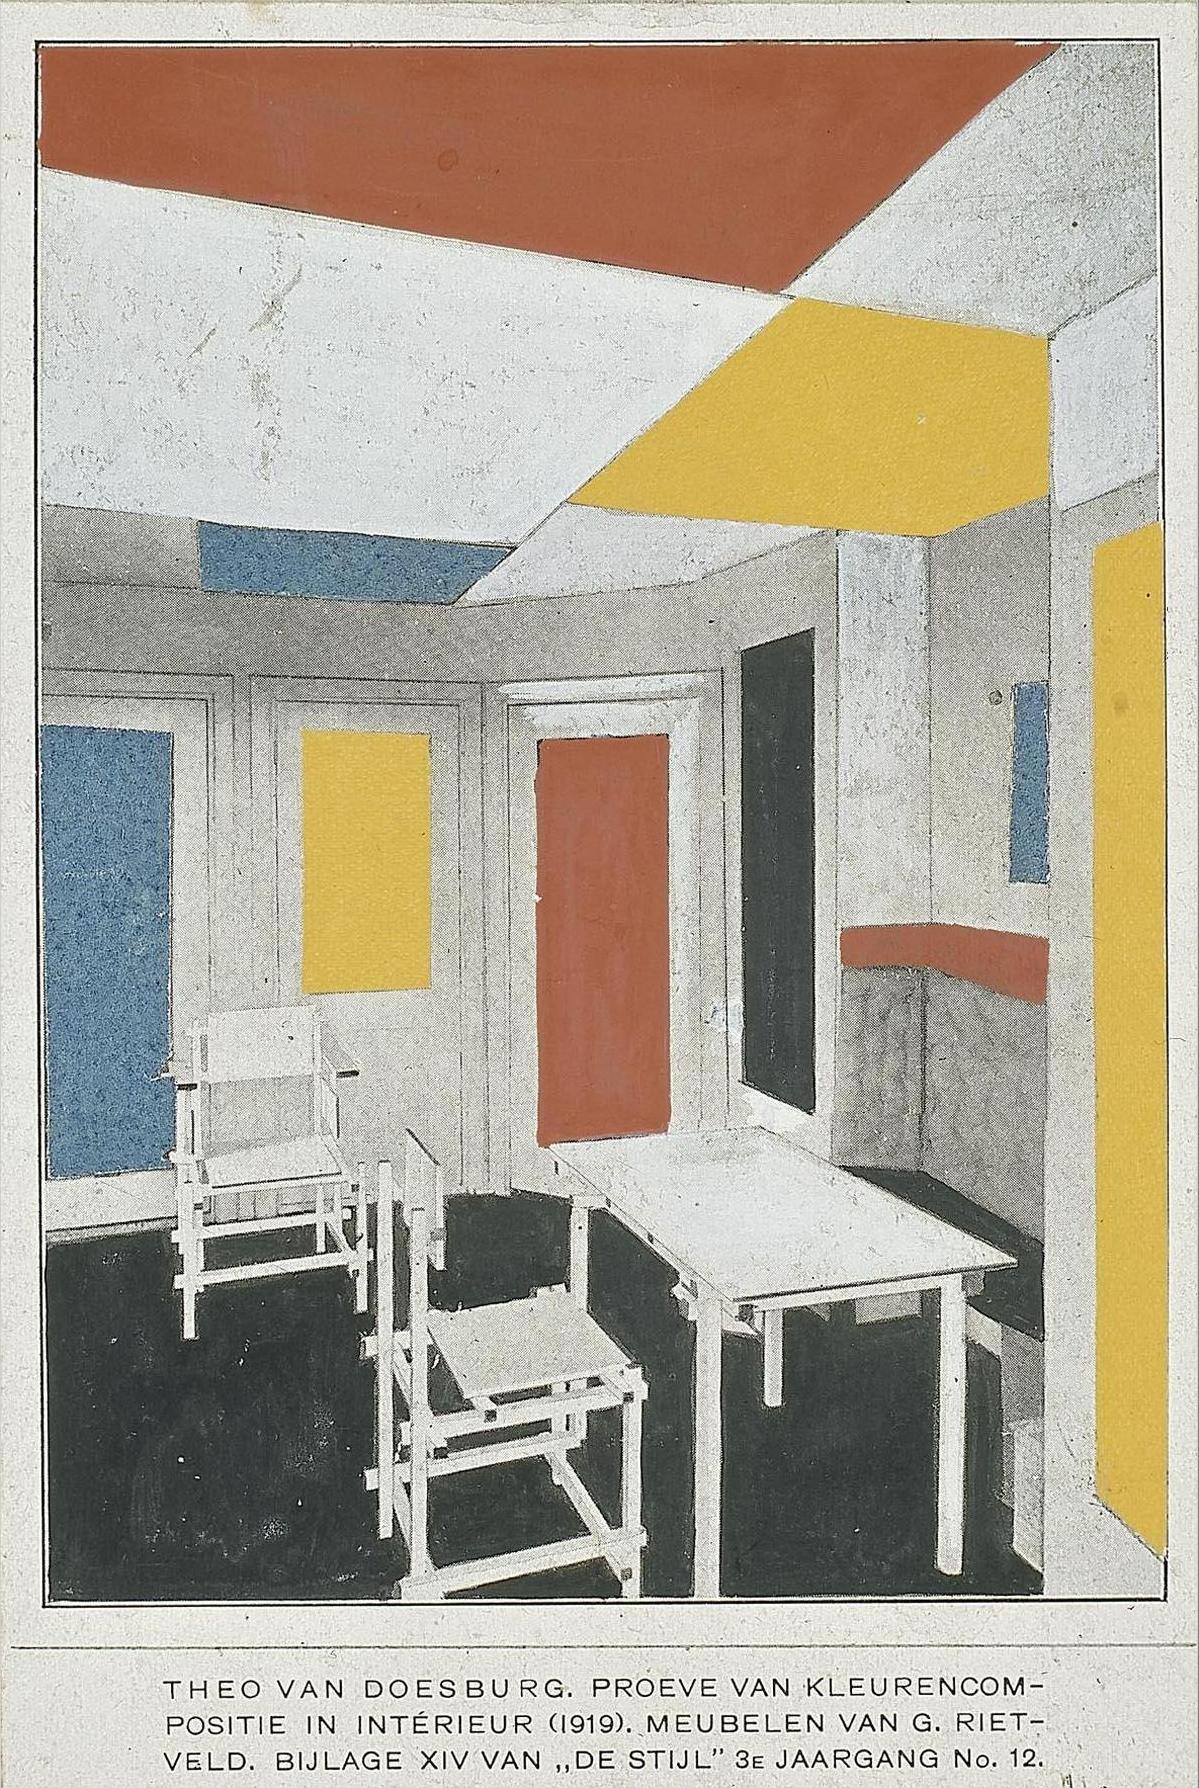 Datei:Van Doesburg and Rietveld interior 1919.jpg – Wikipedia